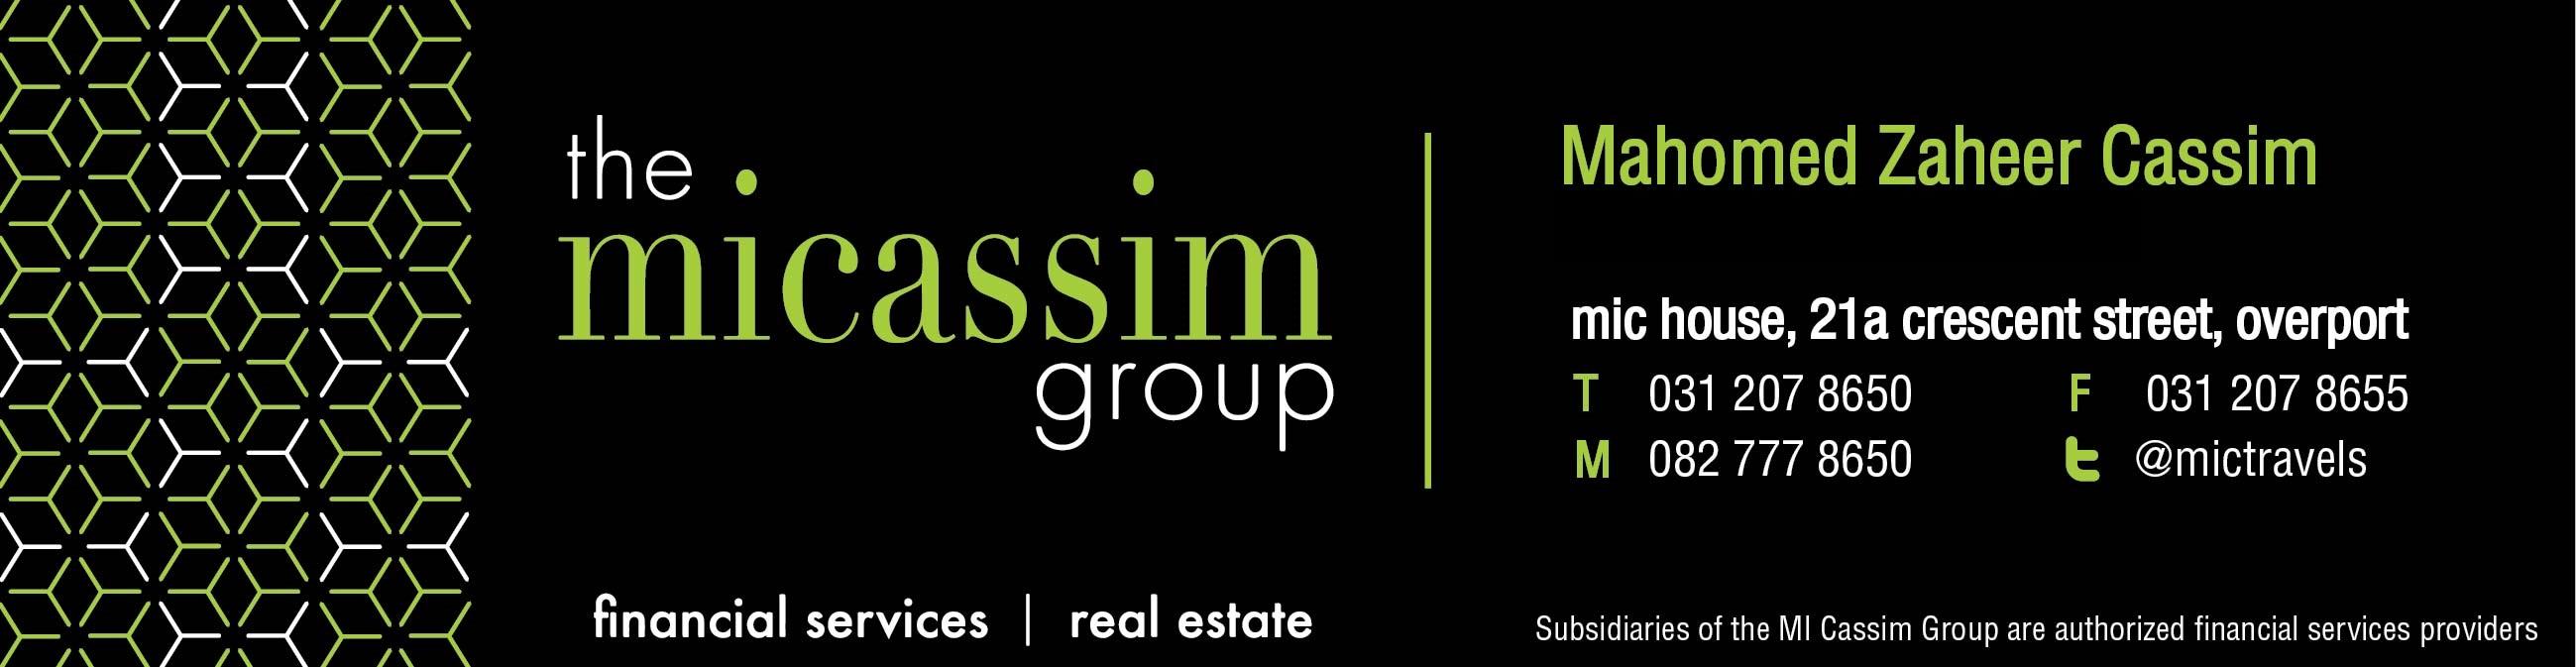 MI Cassim-01